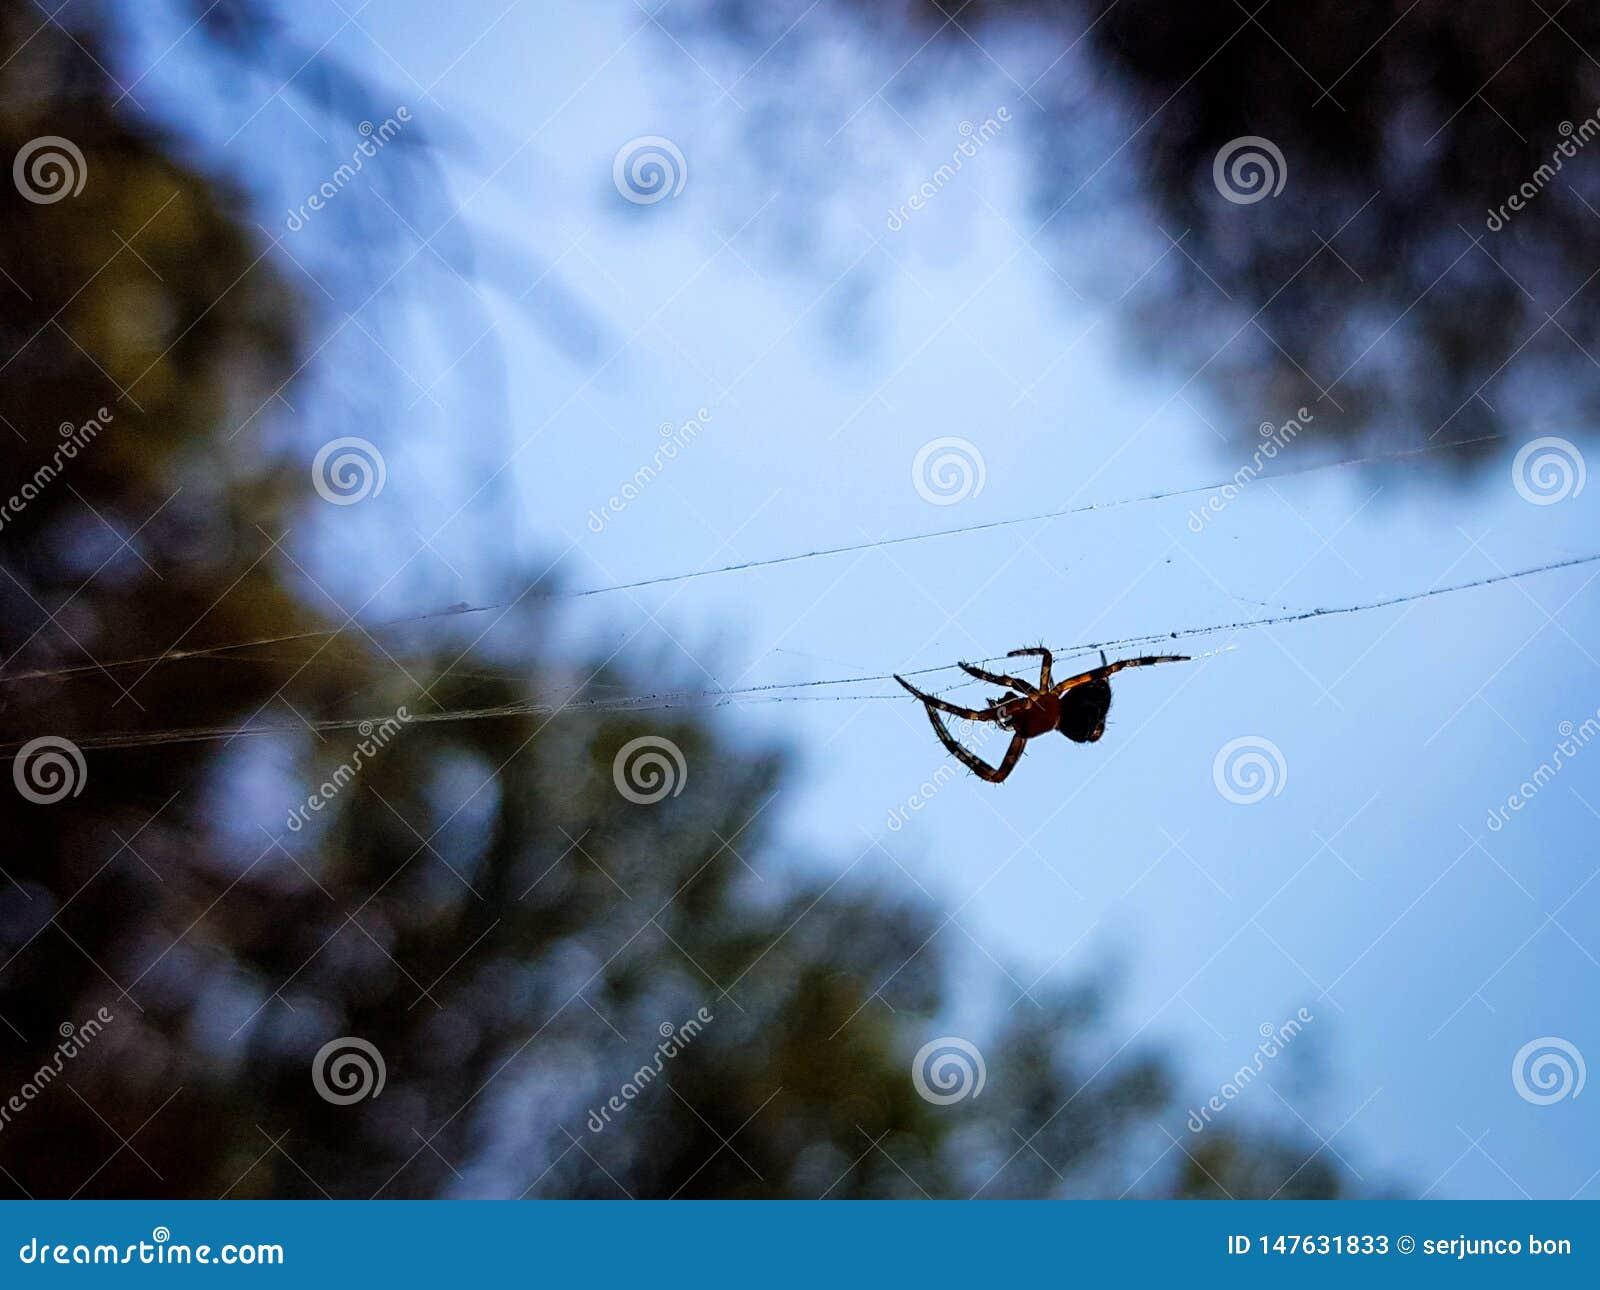 Όμορφη εικόνα στην οποία μπορείτε να δείτε μια αράχνη μέσω του κέντρου της εικόνας σε ένα οριζόντιο νήμα που το κρατά